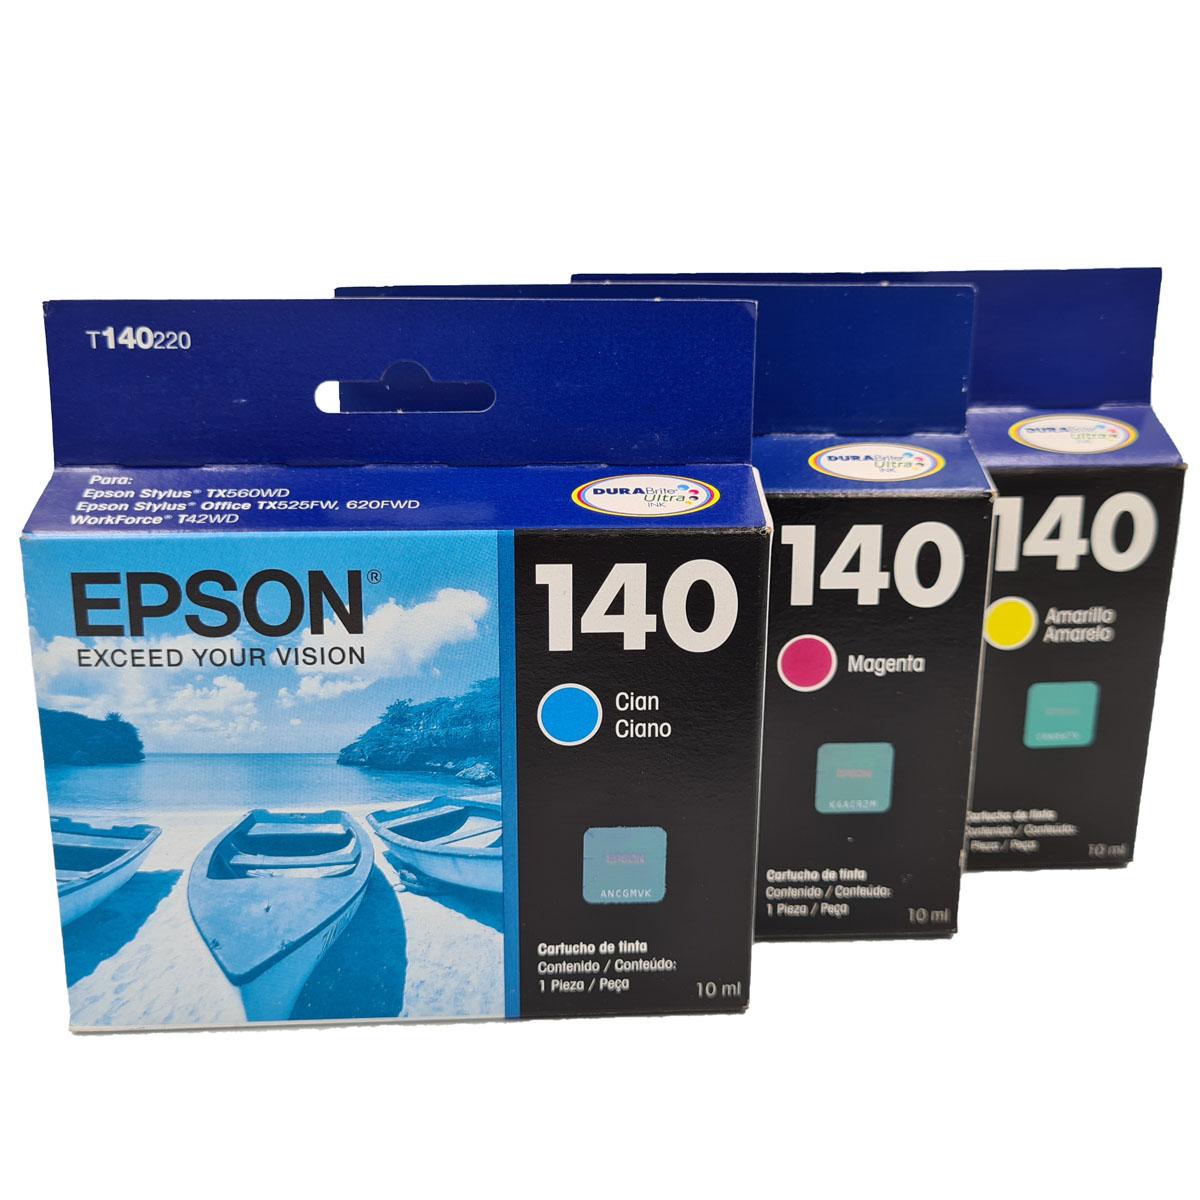 Kit cartucho coloridos EPSON T140 para impressoras Tx560WD T42WD Tx525FW